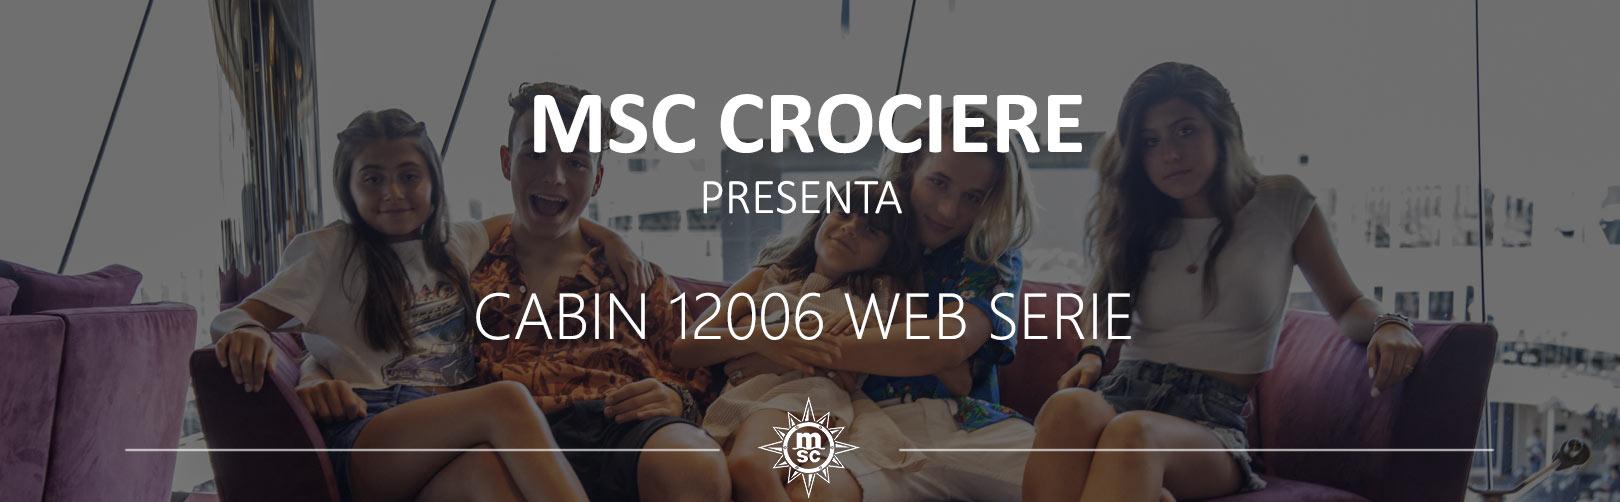 Msc-crociere-presenta-web-serie-cabin12006